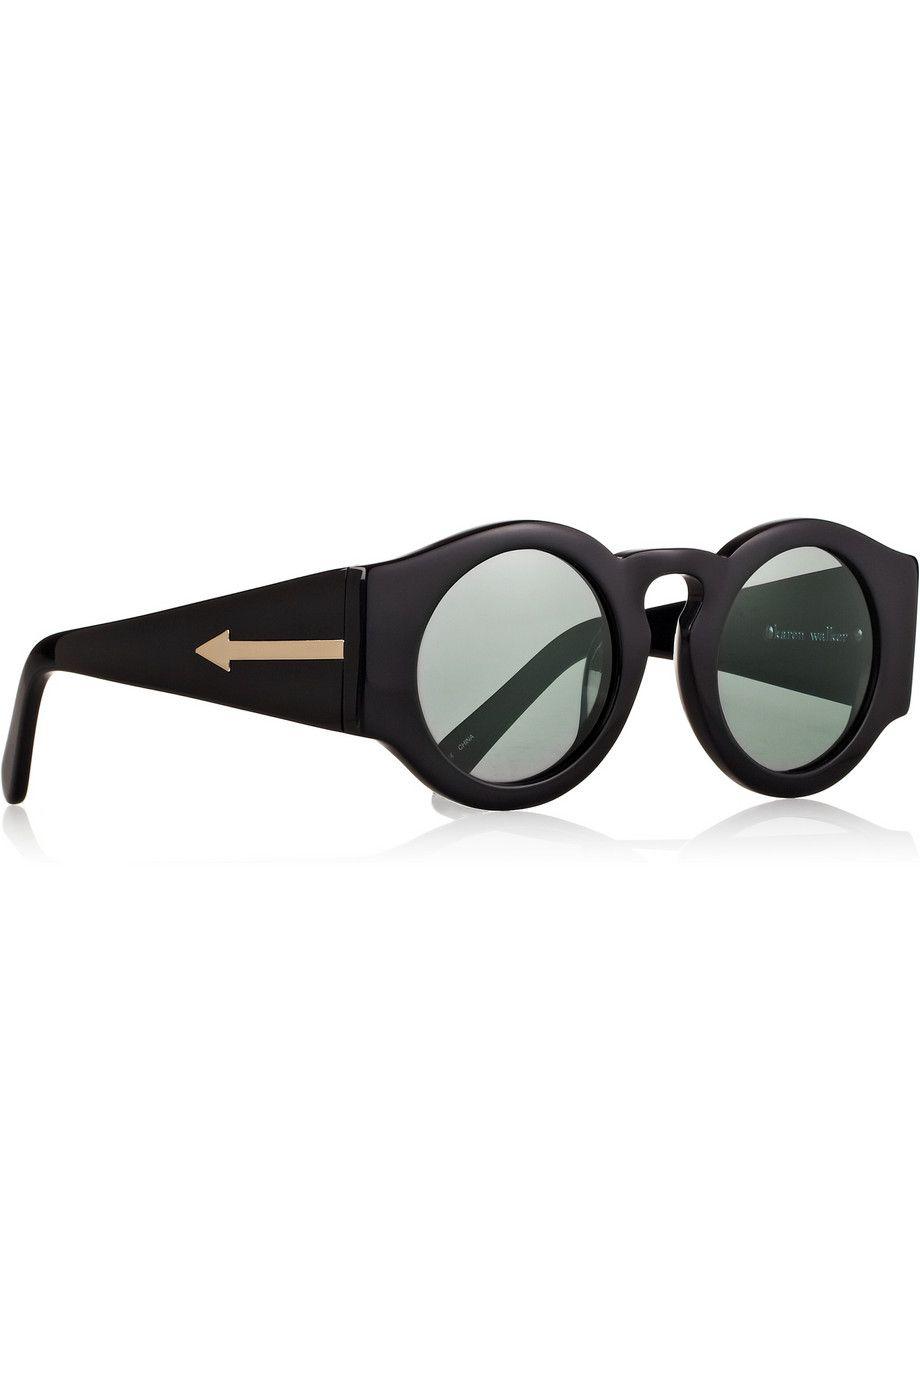 Karen Walker | meus olhos vêem | Pinterest | Schöne brillen, Brille ...